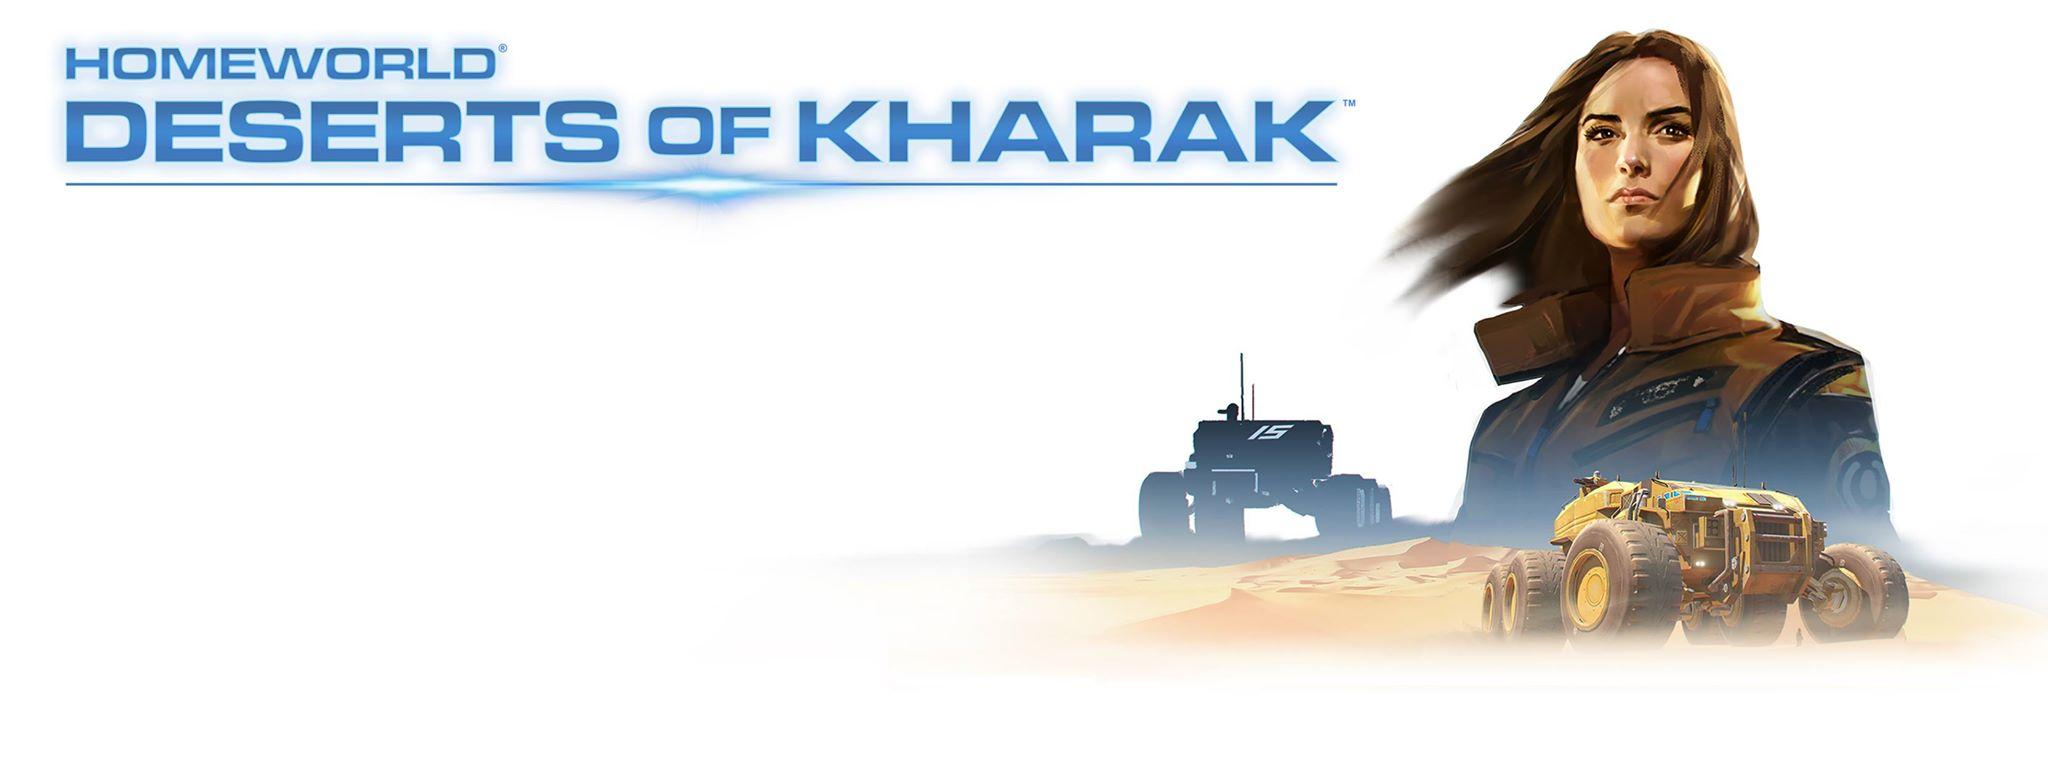 Facebook Header - Deserts of Kharak - Concept Art